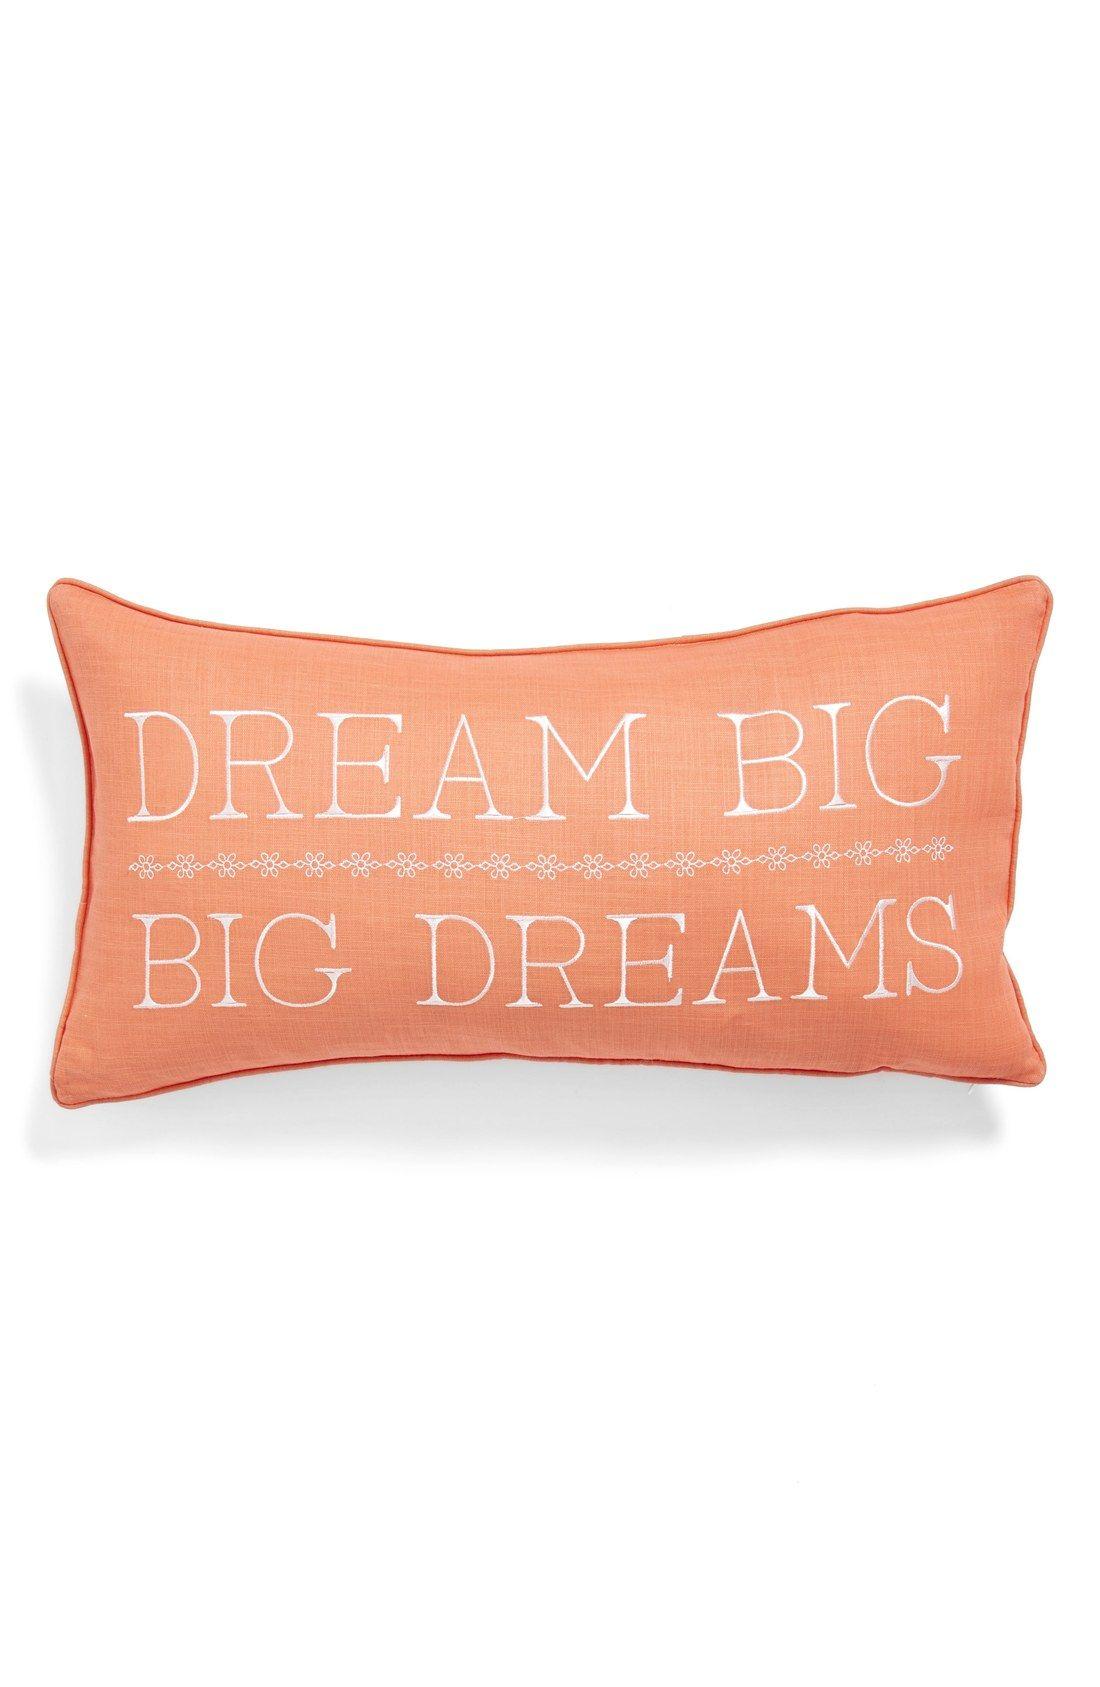 Levtex Dream Big Big Dreams Accent Pillow Nordstrom Big Pillows Pillows Dream Big